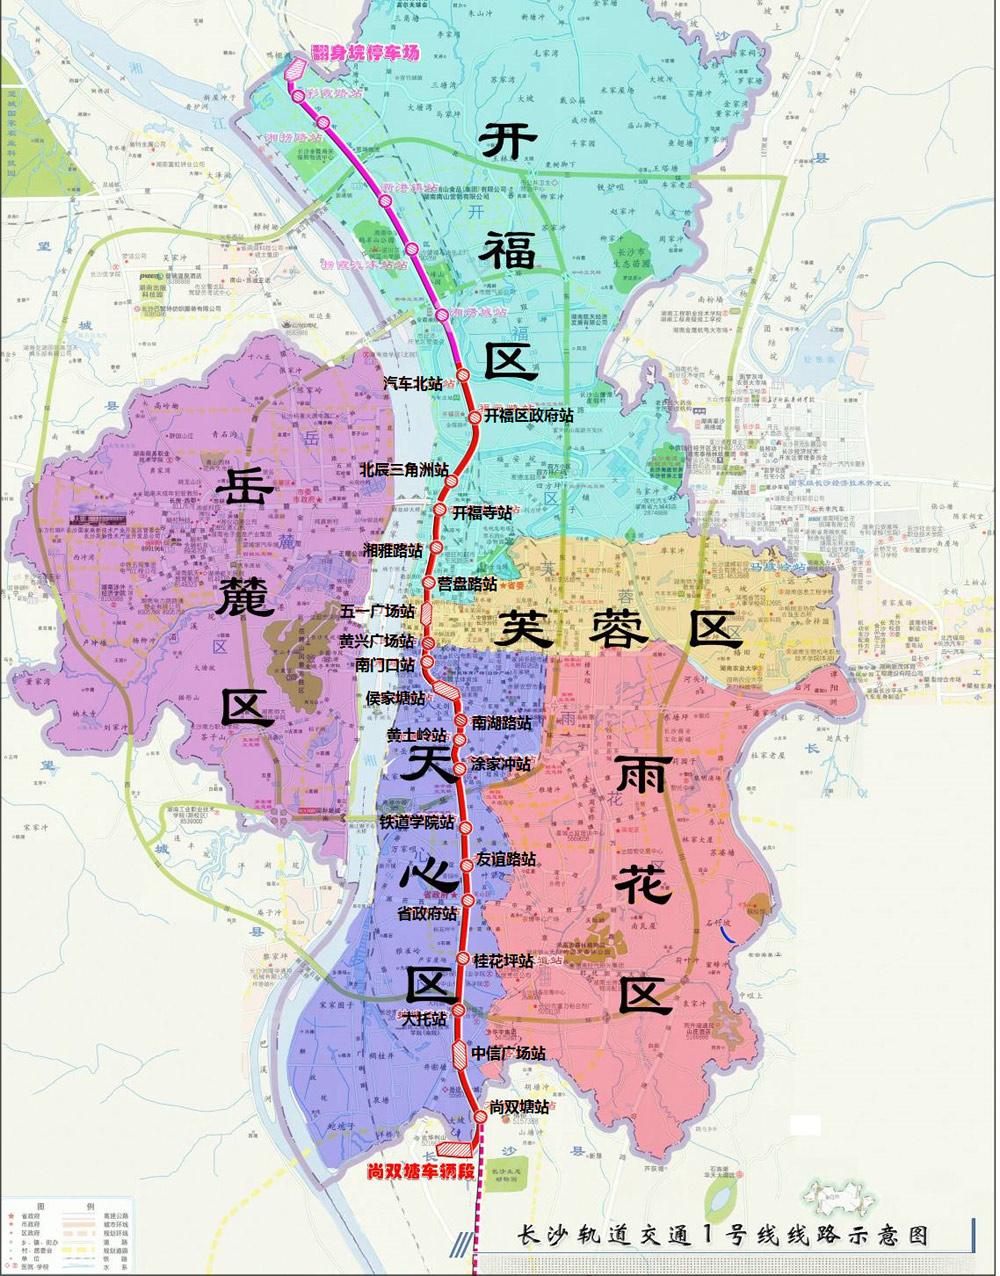 长沙市轨道交通1号线线路示意图